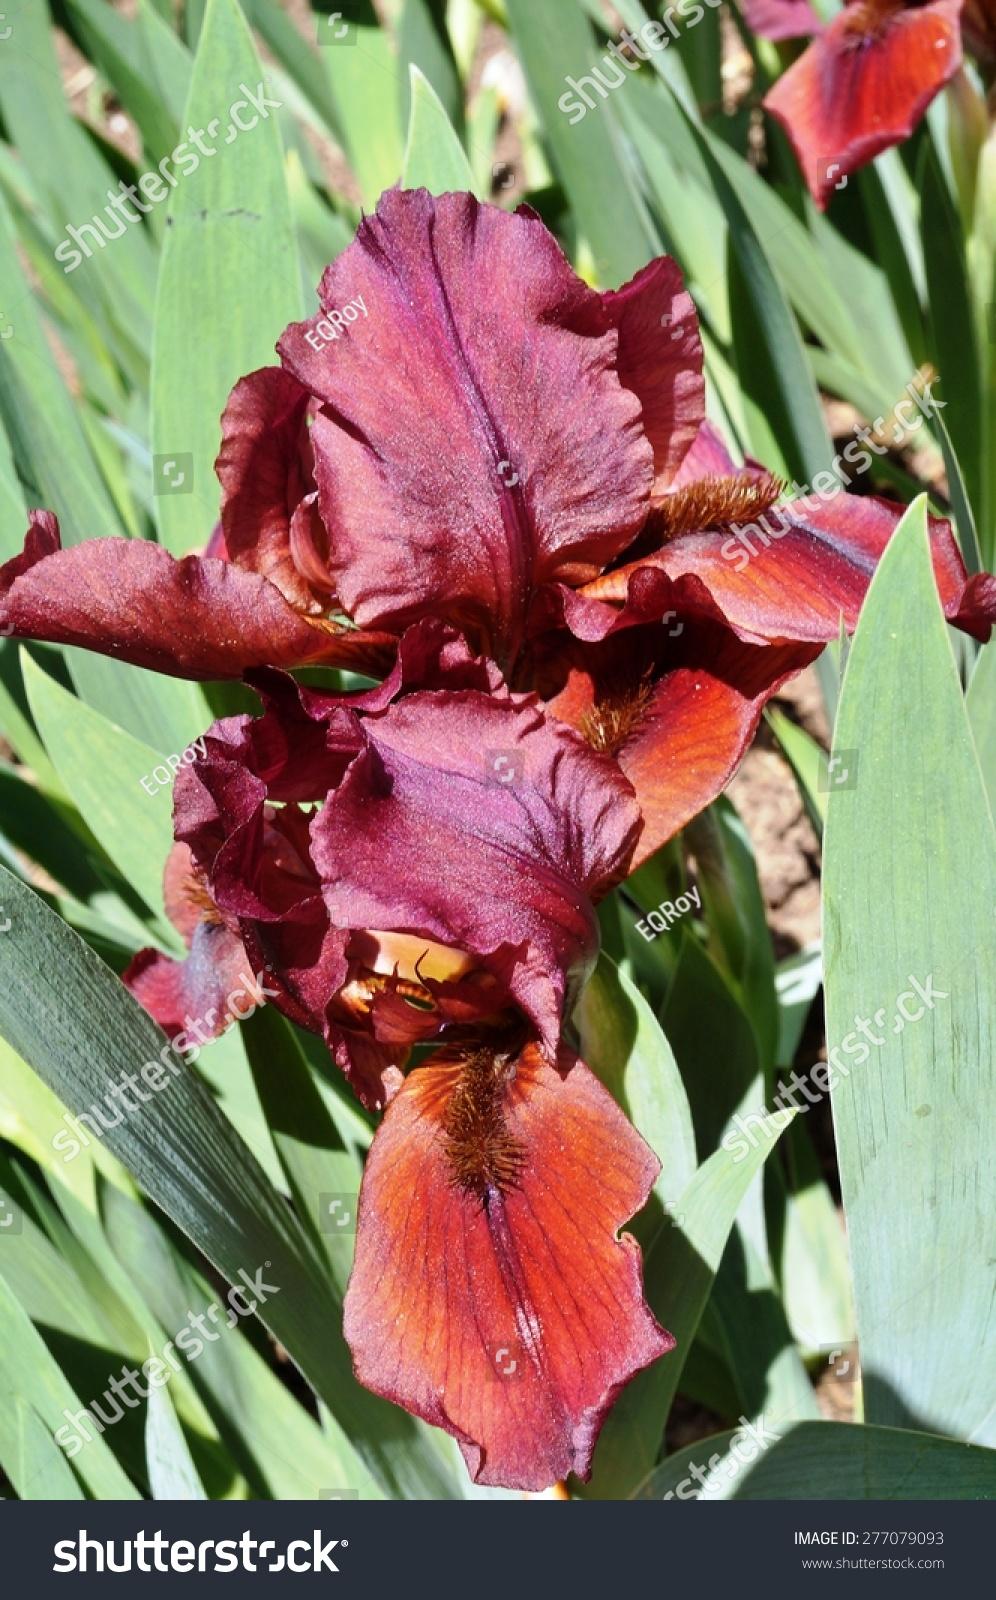 Burgundy Red Bearded Iris Flower Bloom Stock Photo 100 Legal